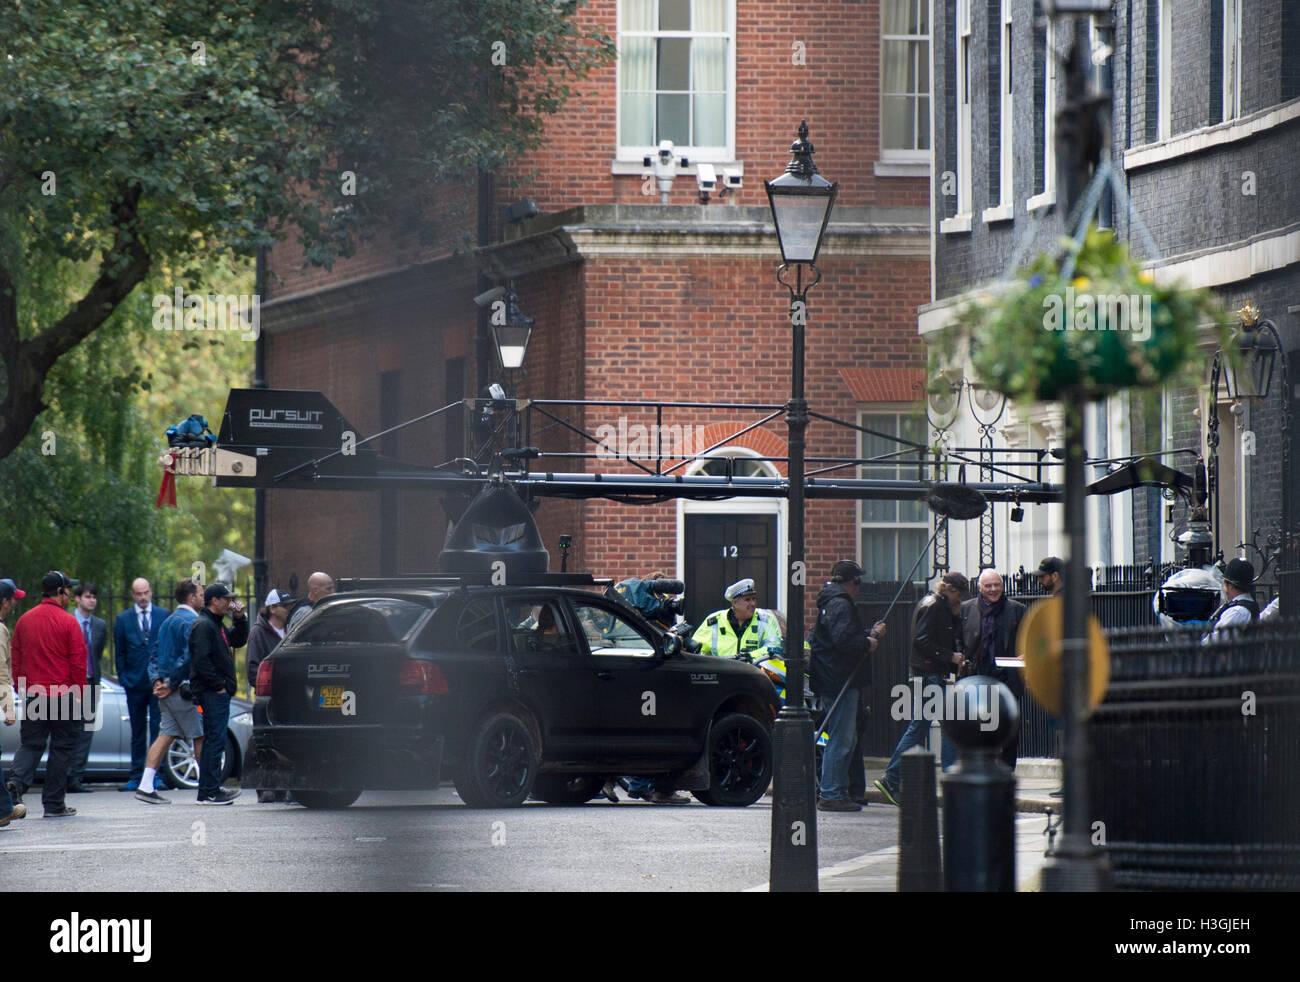 London, UK. 8. Oktober 2016. Dreharbeiten zum neuen Transformers-Film in der Downing Street auf den Stufen des No10.Pic Stockfoto